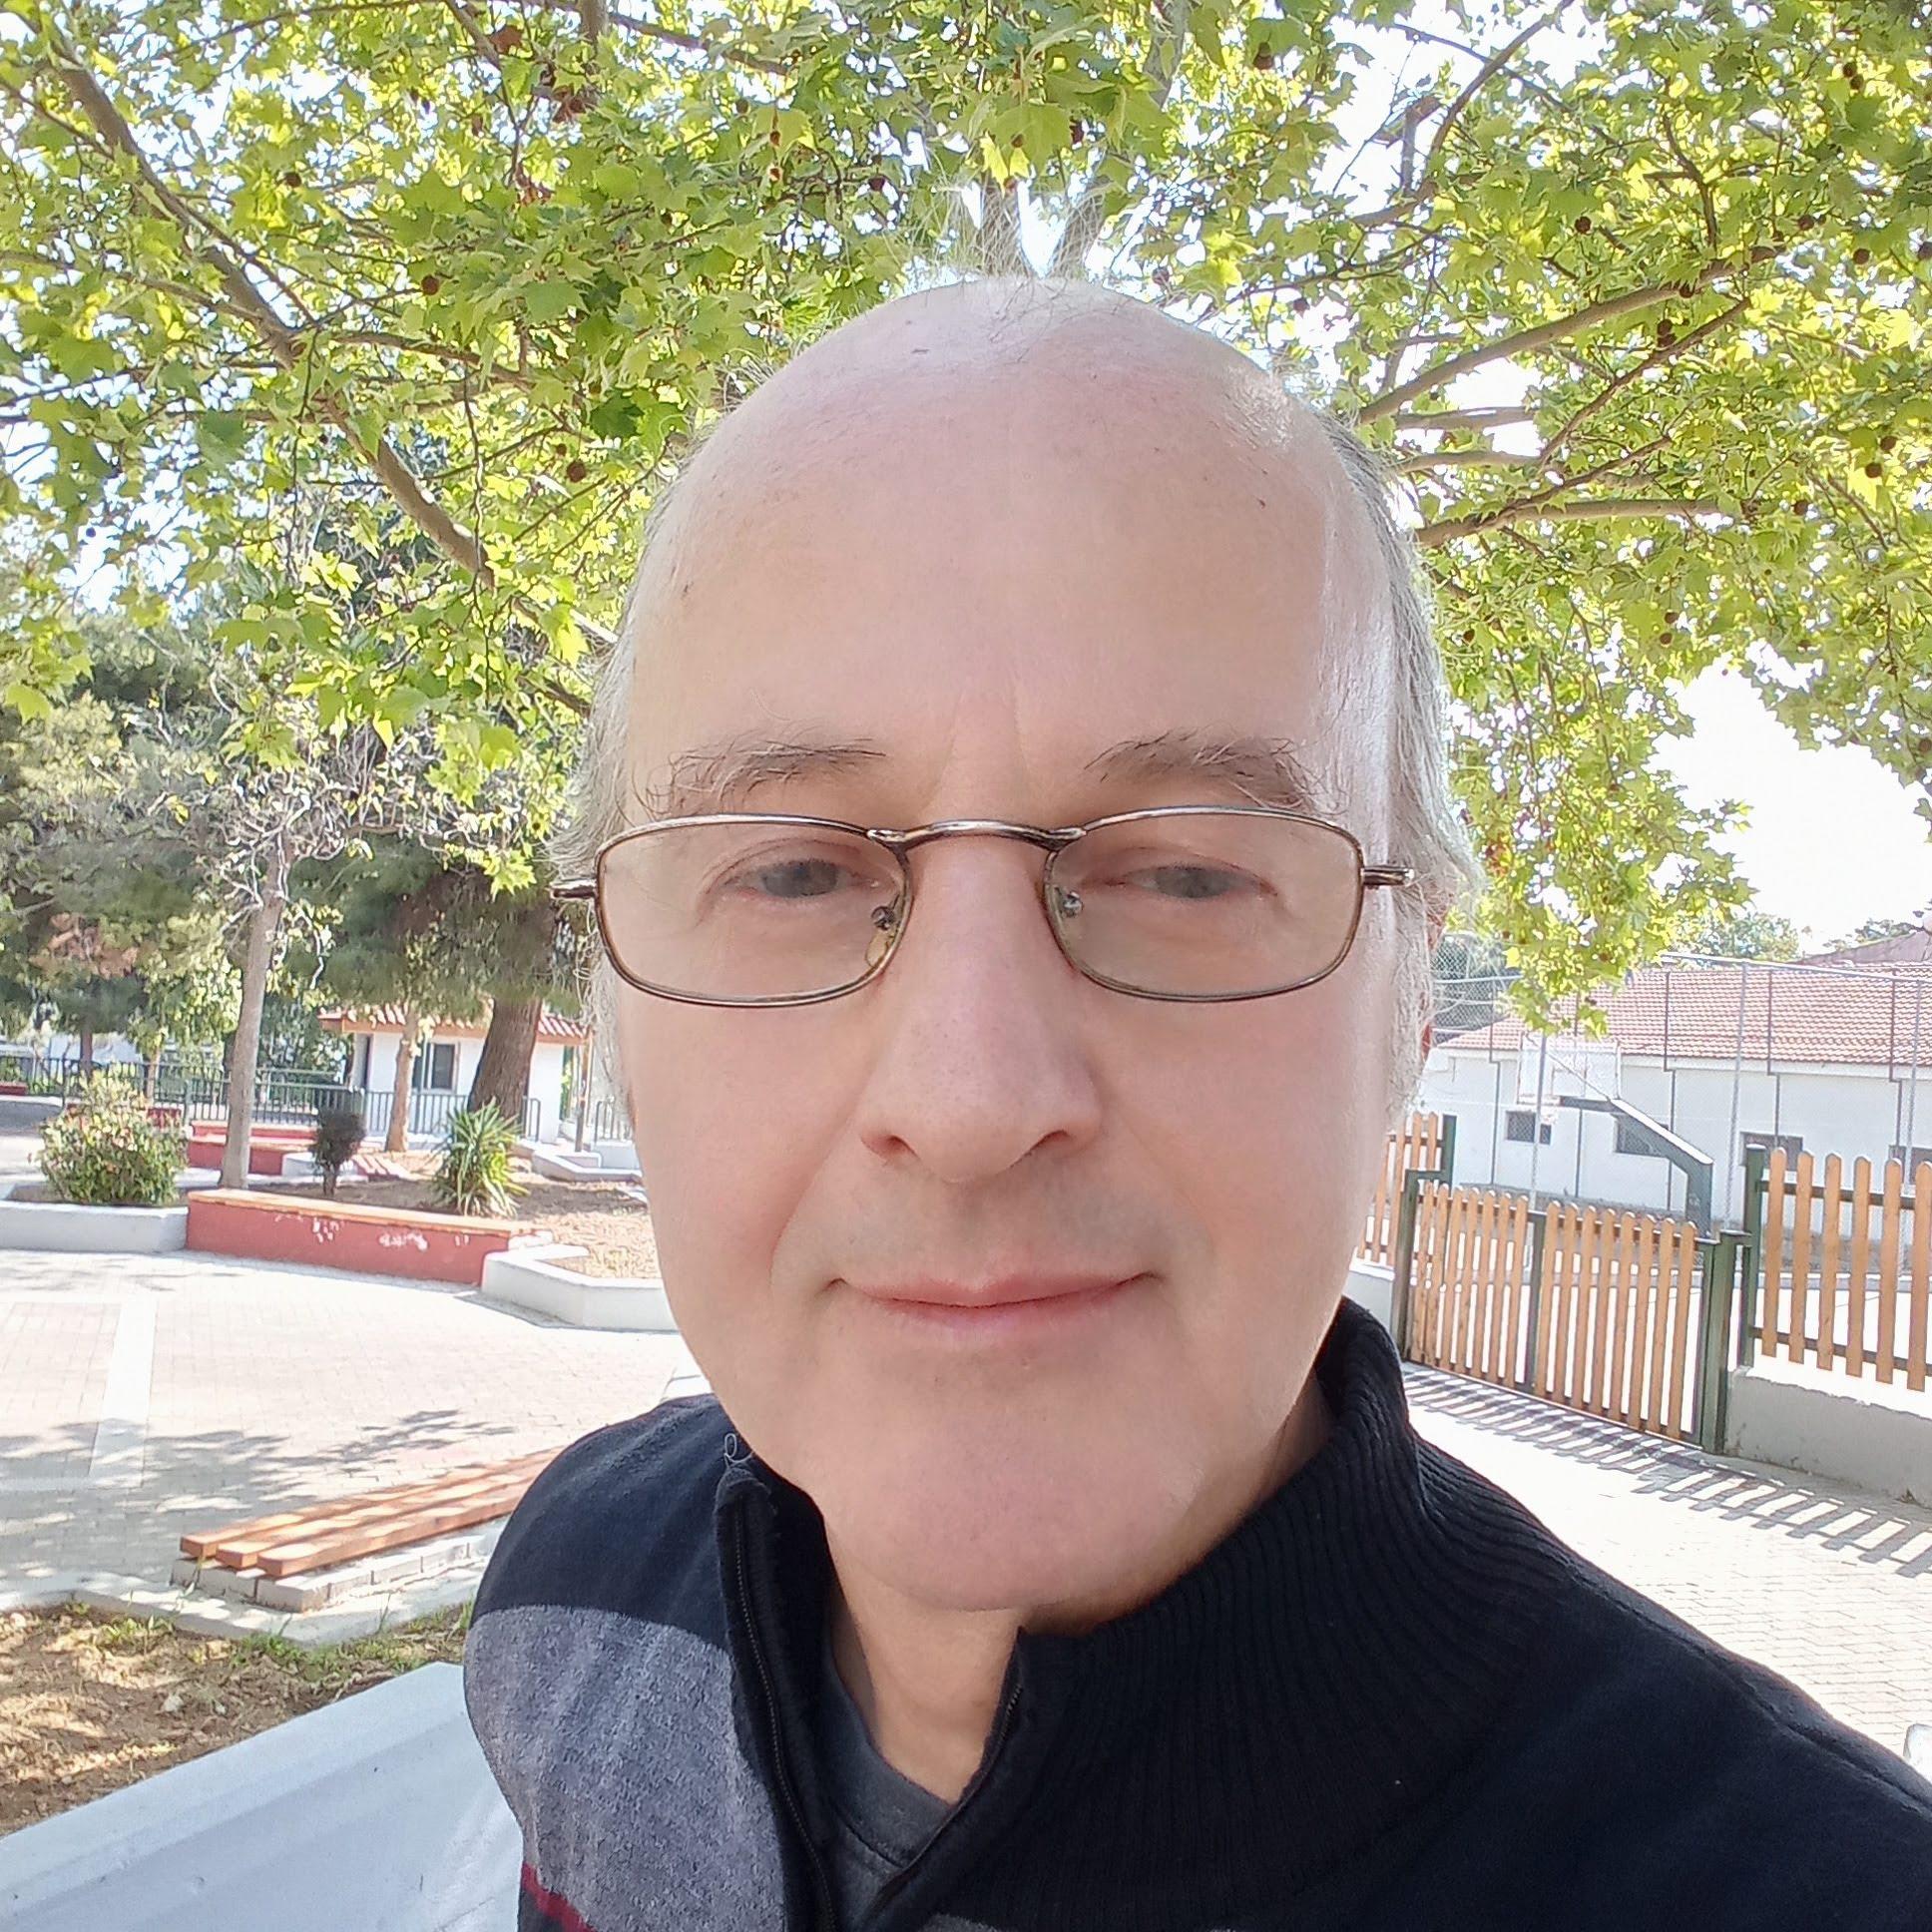 ΑΘΑΝΑΣΙΟΣ ΚΟΛΛΥΡΗΣ Social Media Manager, Content Manager, UX Designer